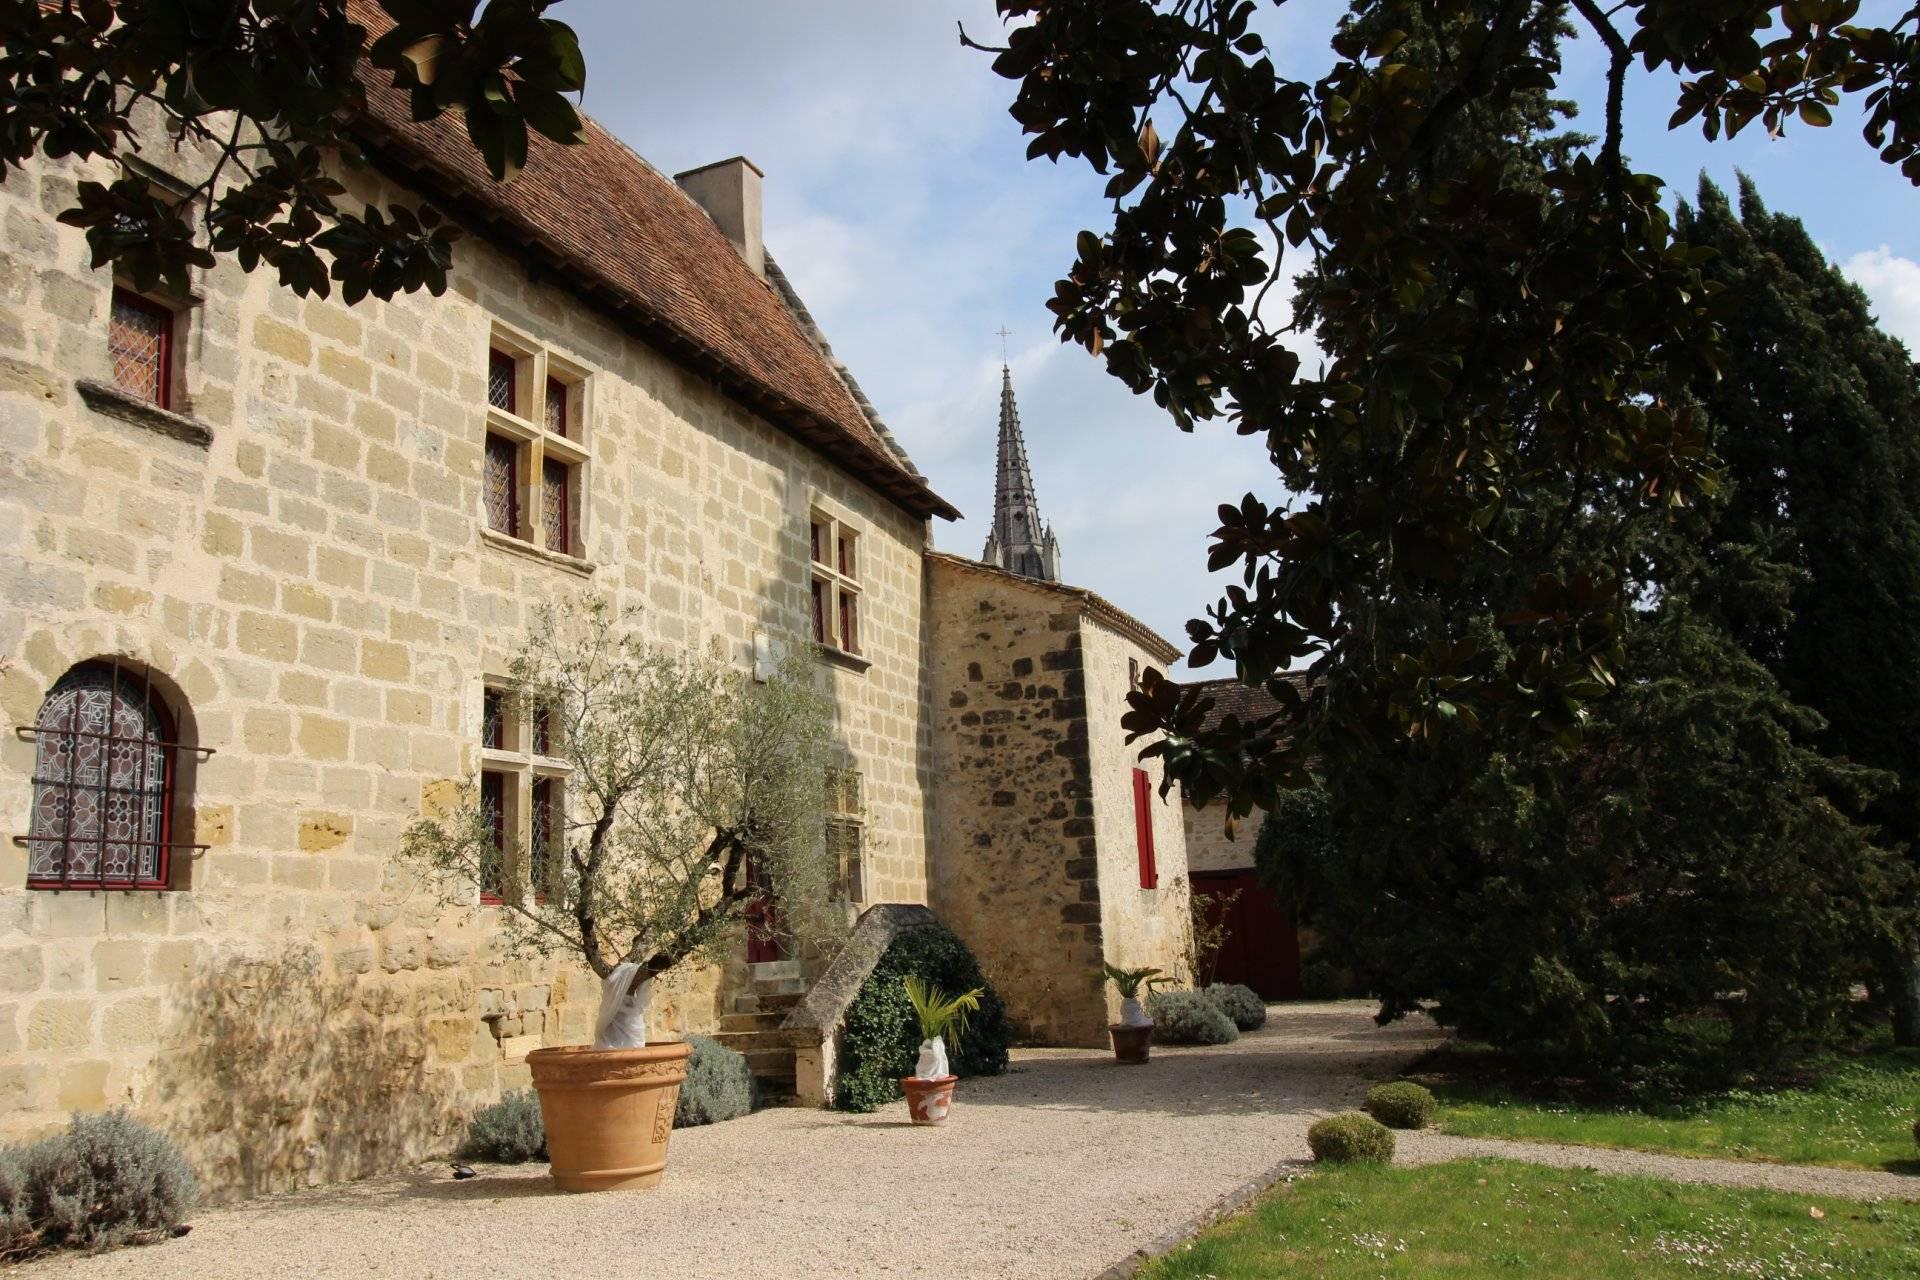 Vente manoir XIIIe siècle proche marmande LOT-ET-GARONNE